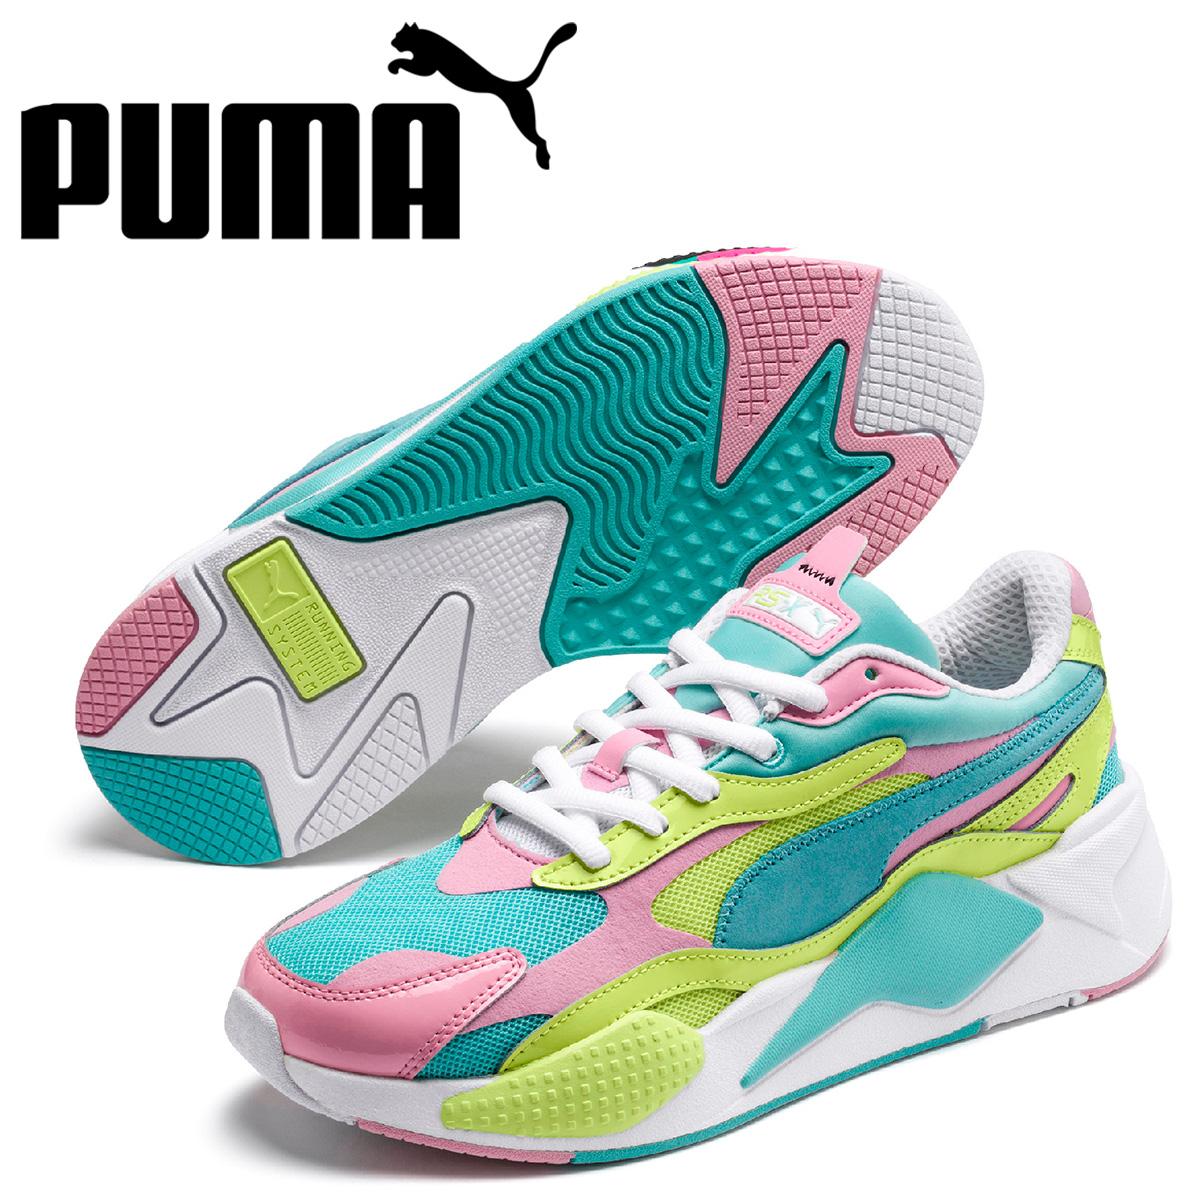 PUMA プーマ スニーカー メンズ RS-X3 PLASTIC ブルー 37156905 [予約 5月上旬 新入荷予定]